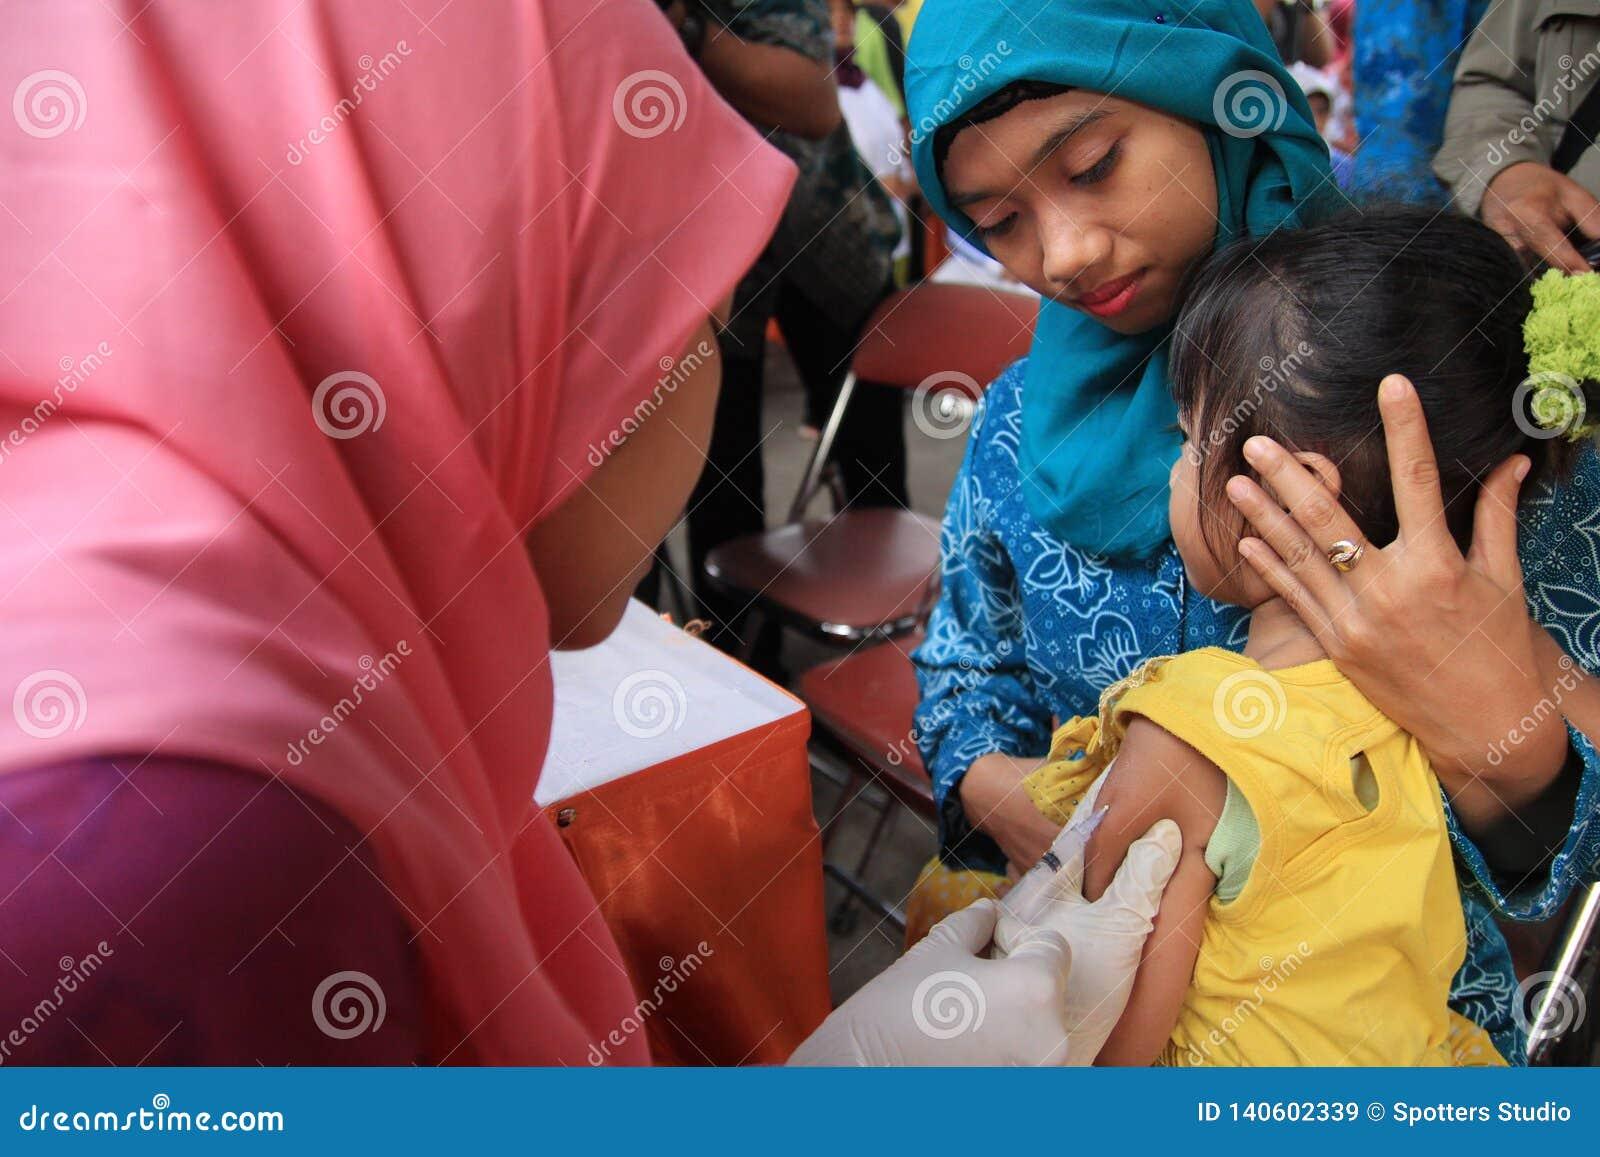 Surabaya Indonesia, puede 21, 2014 un ayudante de sanidad dio vacunaciones a los niños